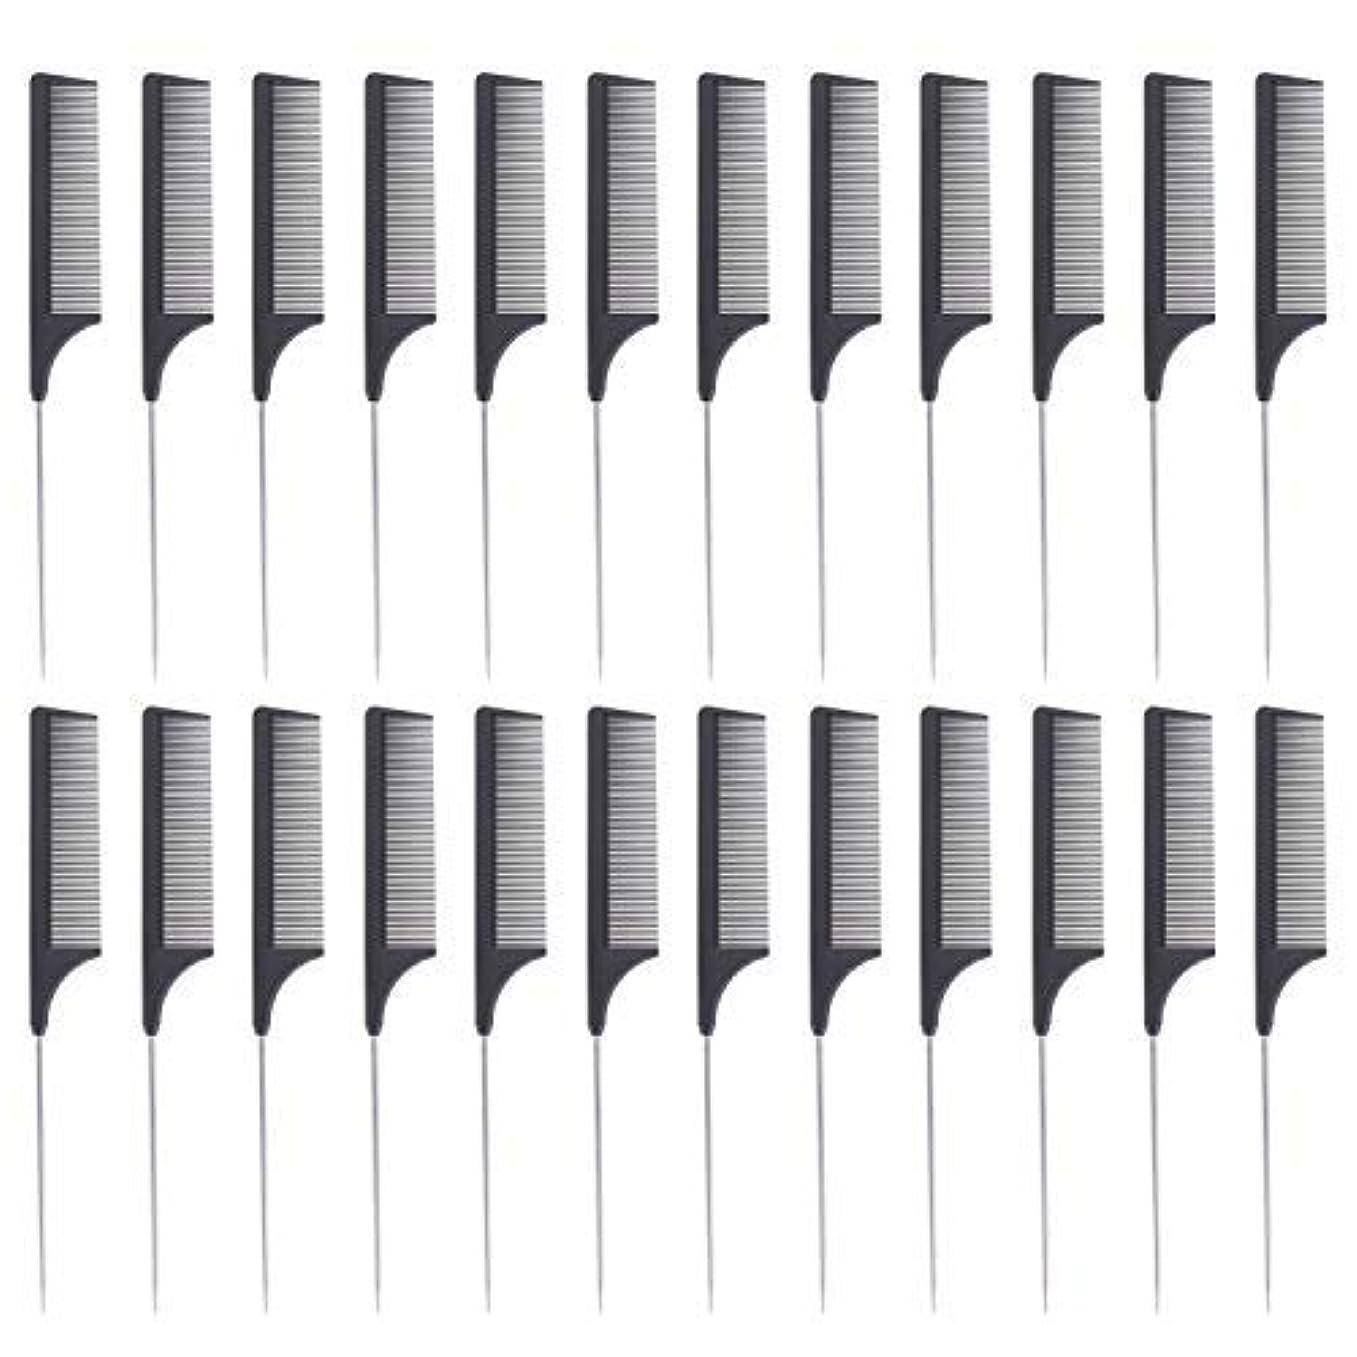 決定する移植素敵な24 Pieces Comb Black Tail Styling Comb Chemical Heat Resistant Teasing Comb Carbon Fiber Hair Styling Combs for Women Men Hair Types Styles [並行輸入品]